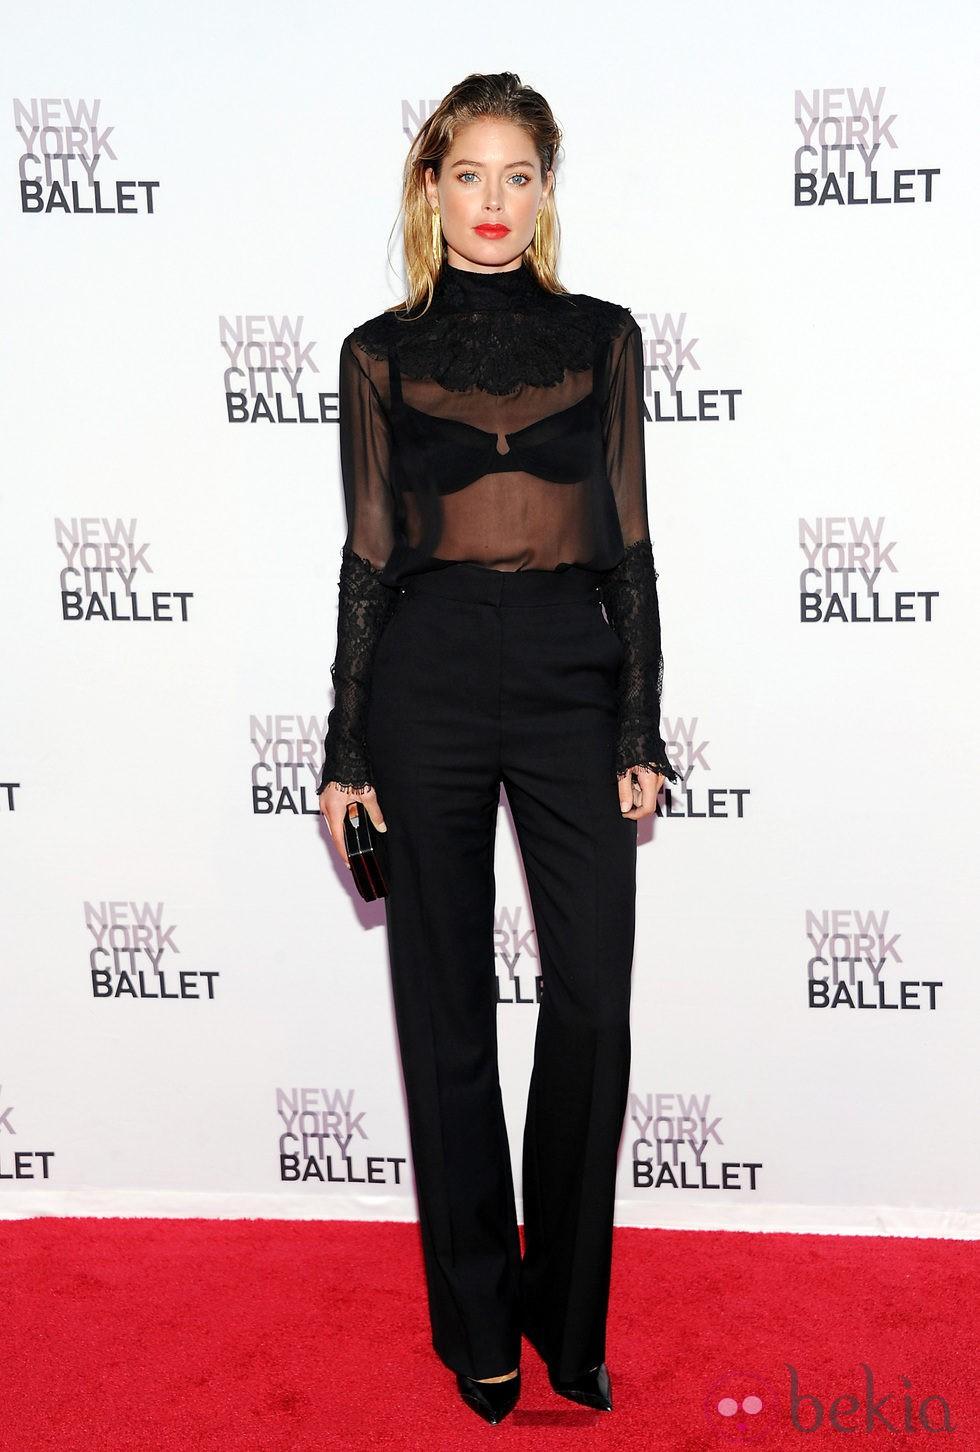 Doutzen Kroes en la Gala de Otoño del Ballet de Nueva York 2013